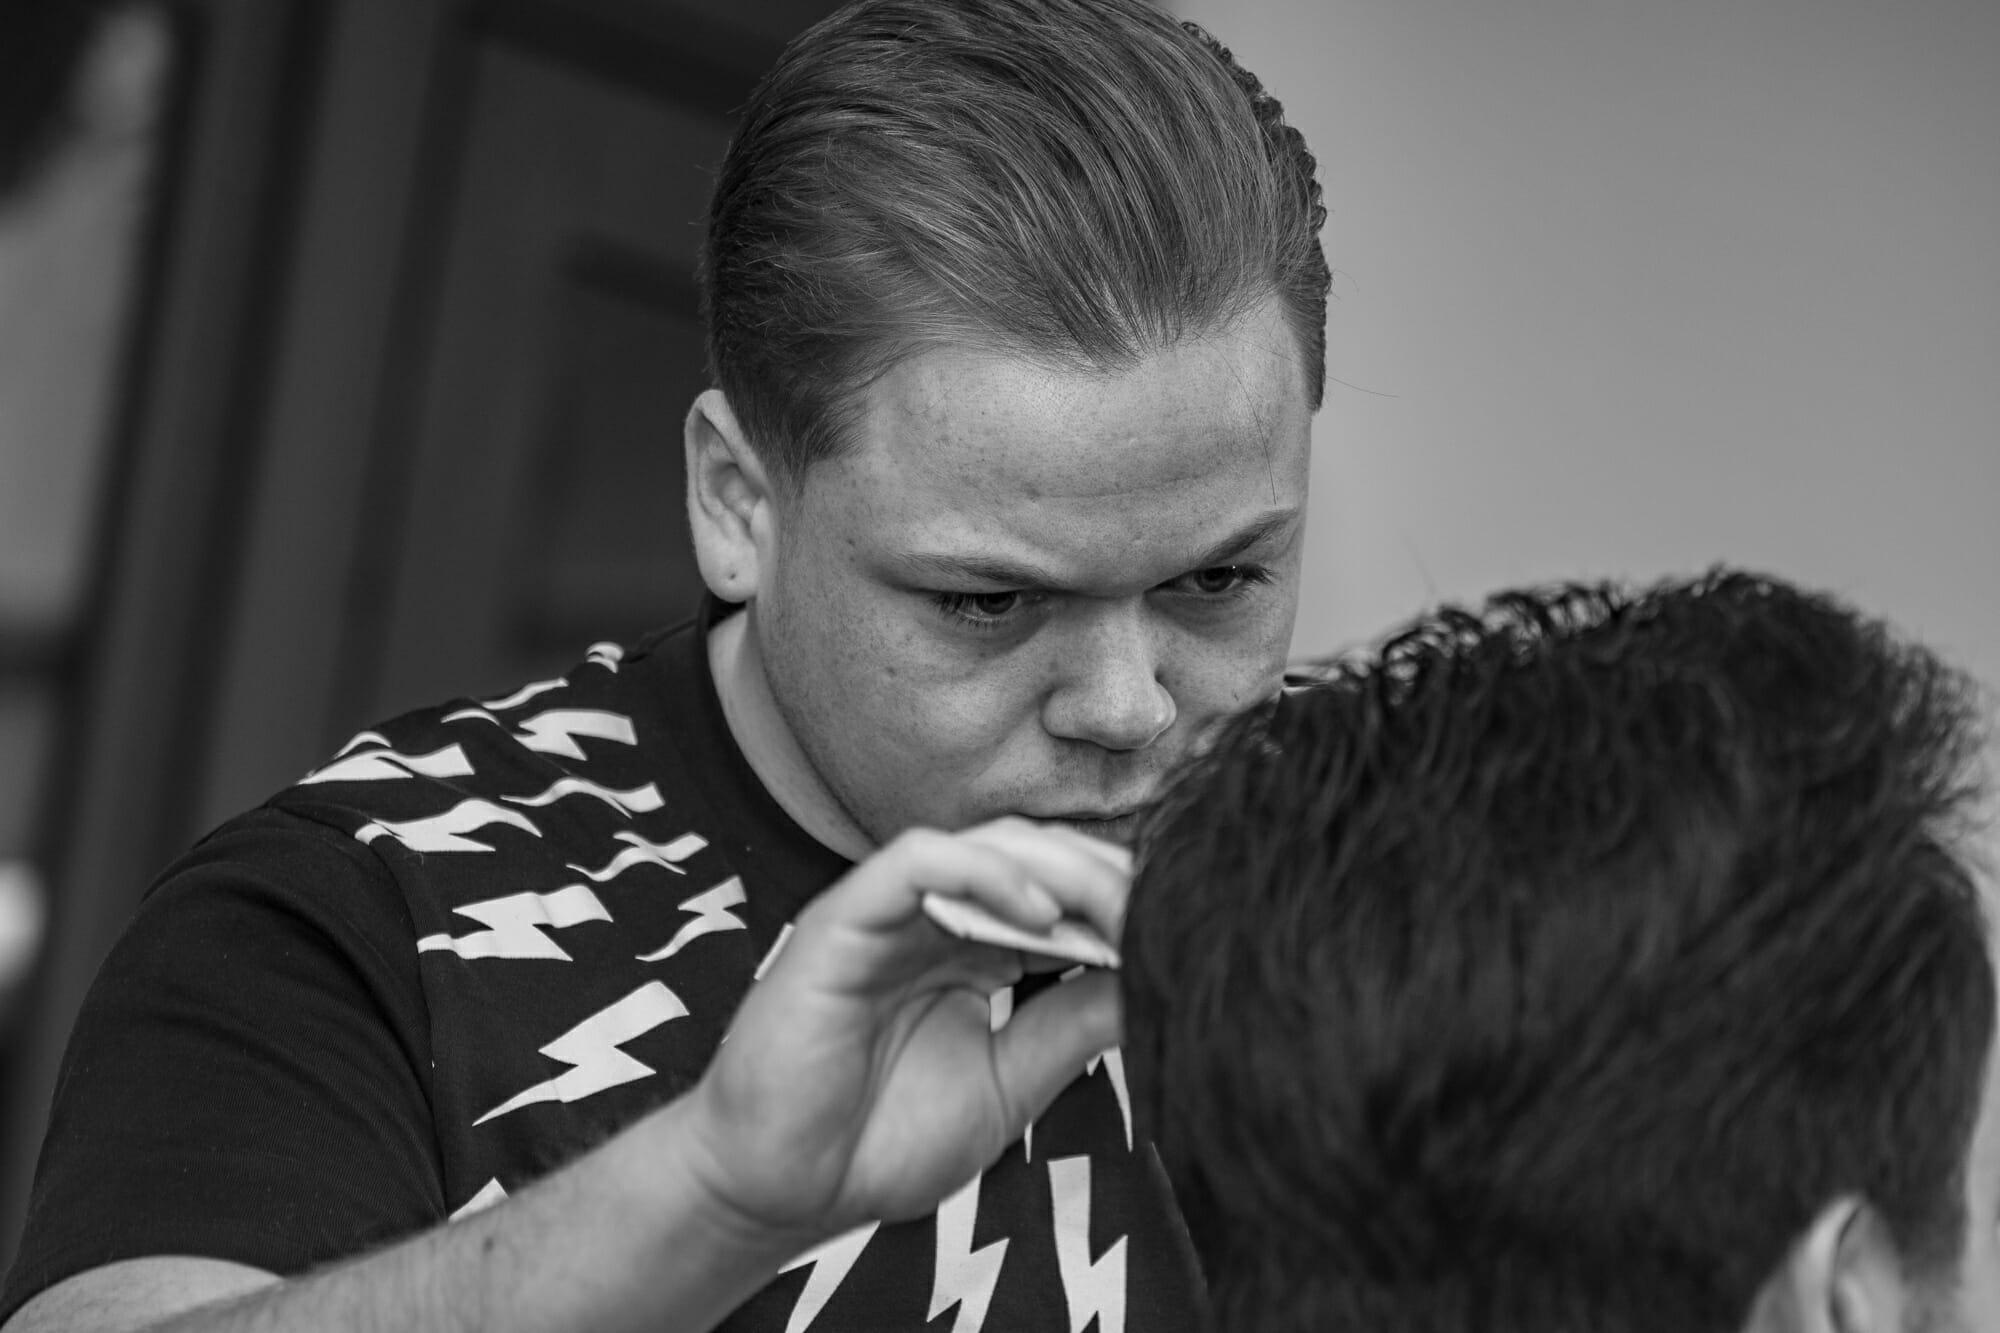 Jeroen Van Deenen